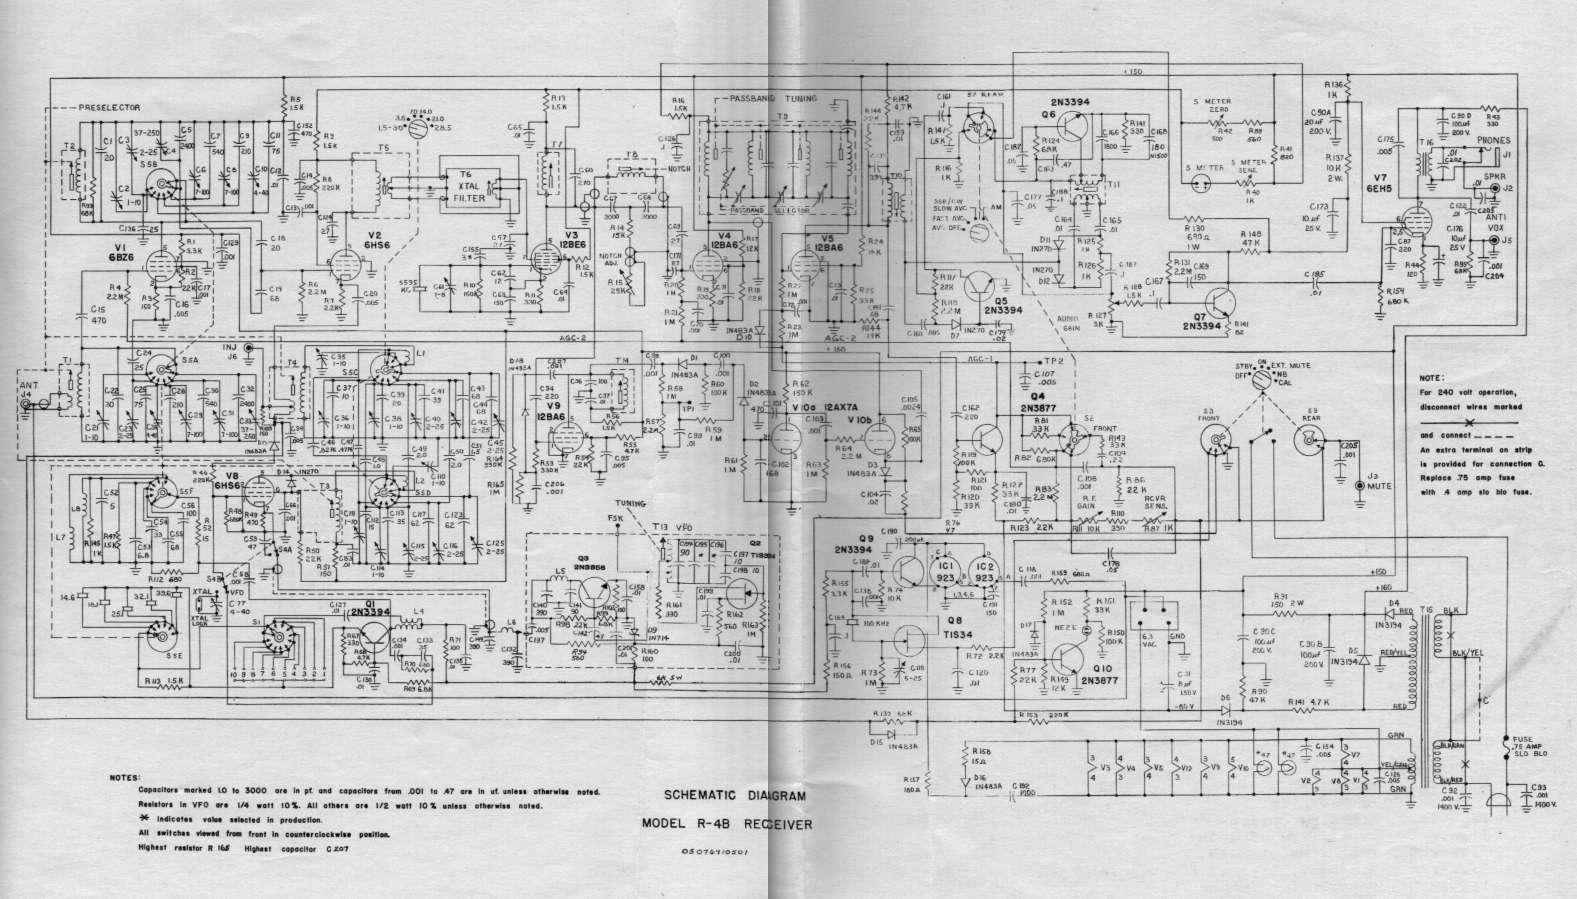 club car wiring diagram 36 volt golf cart voltage reducer r4c schematic – powerking.co